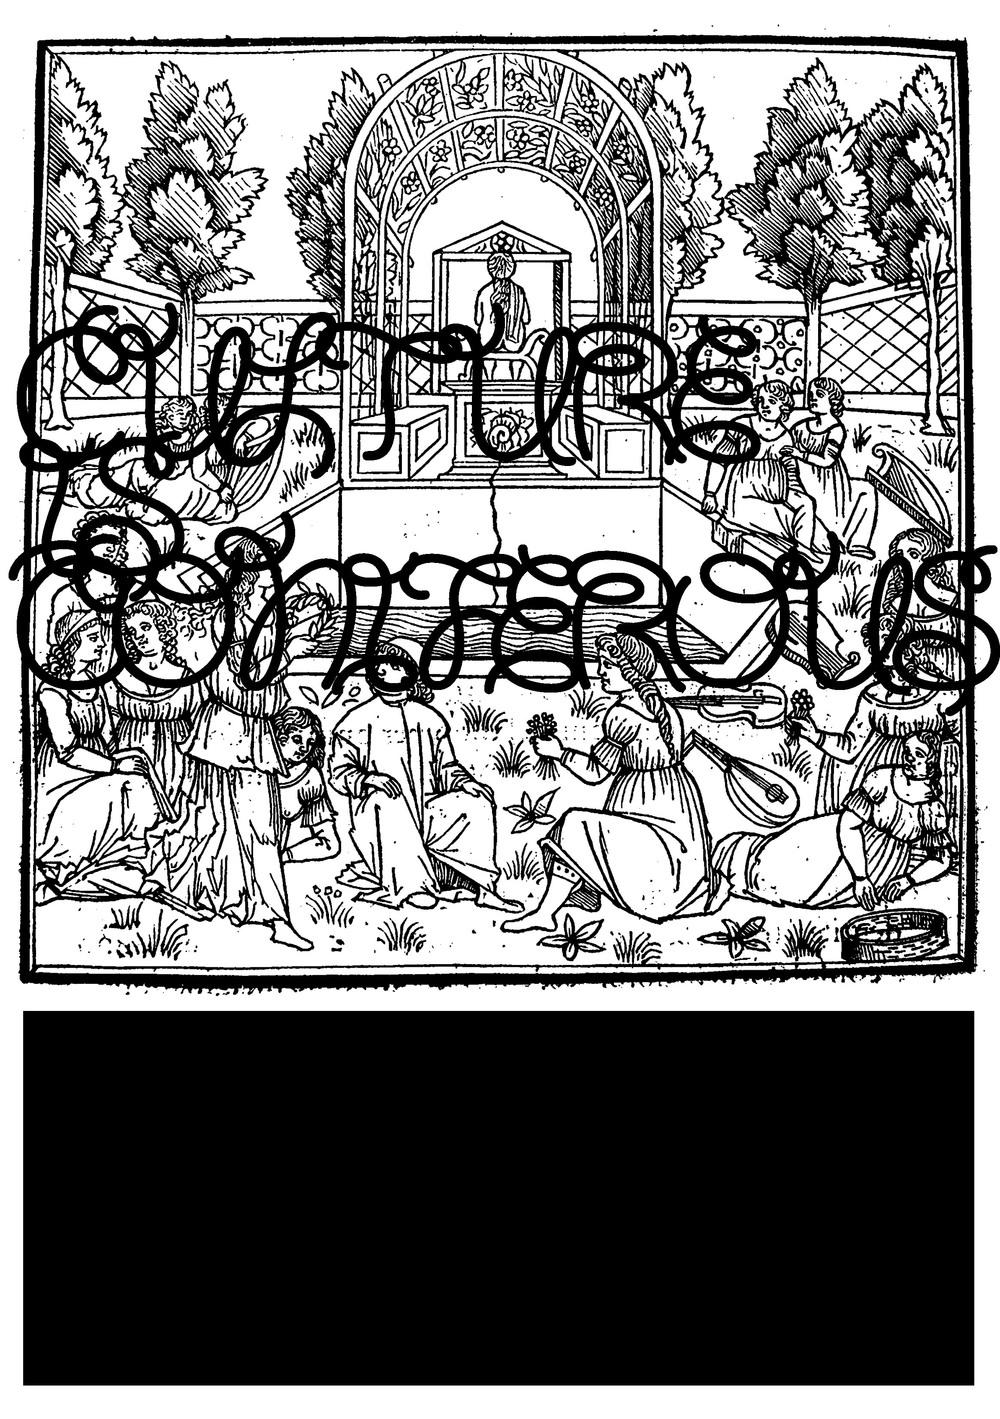 Culture Is Coniferous